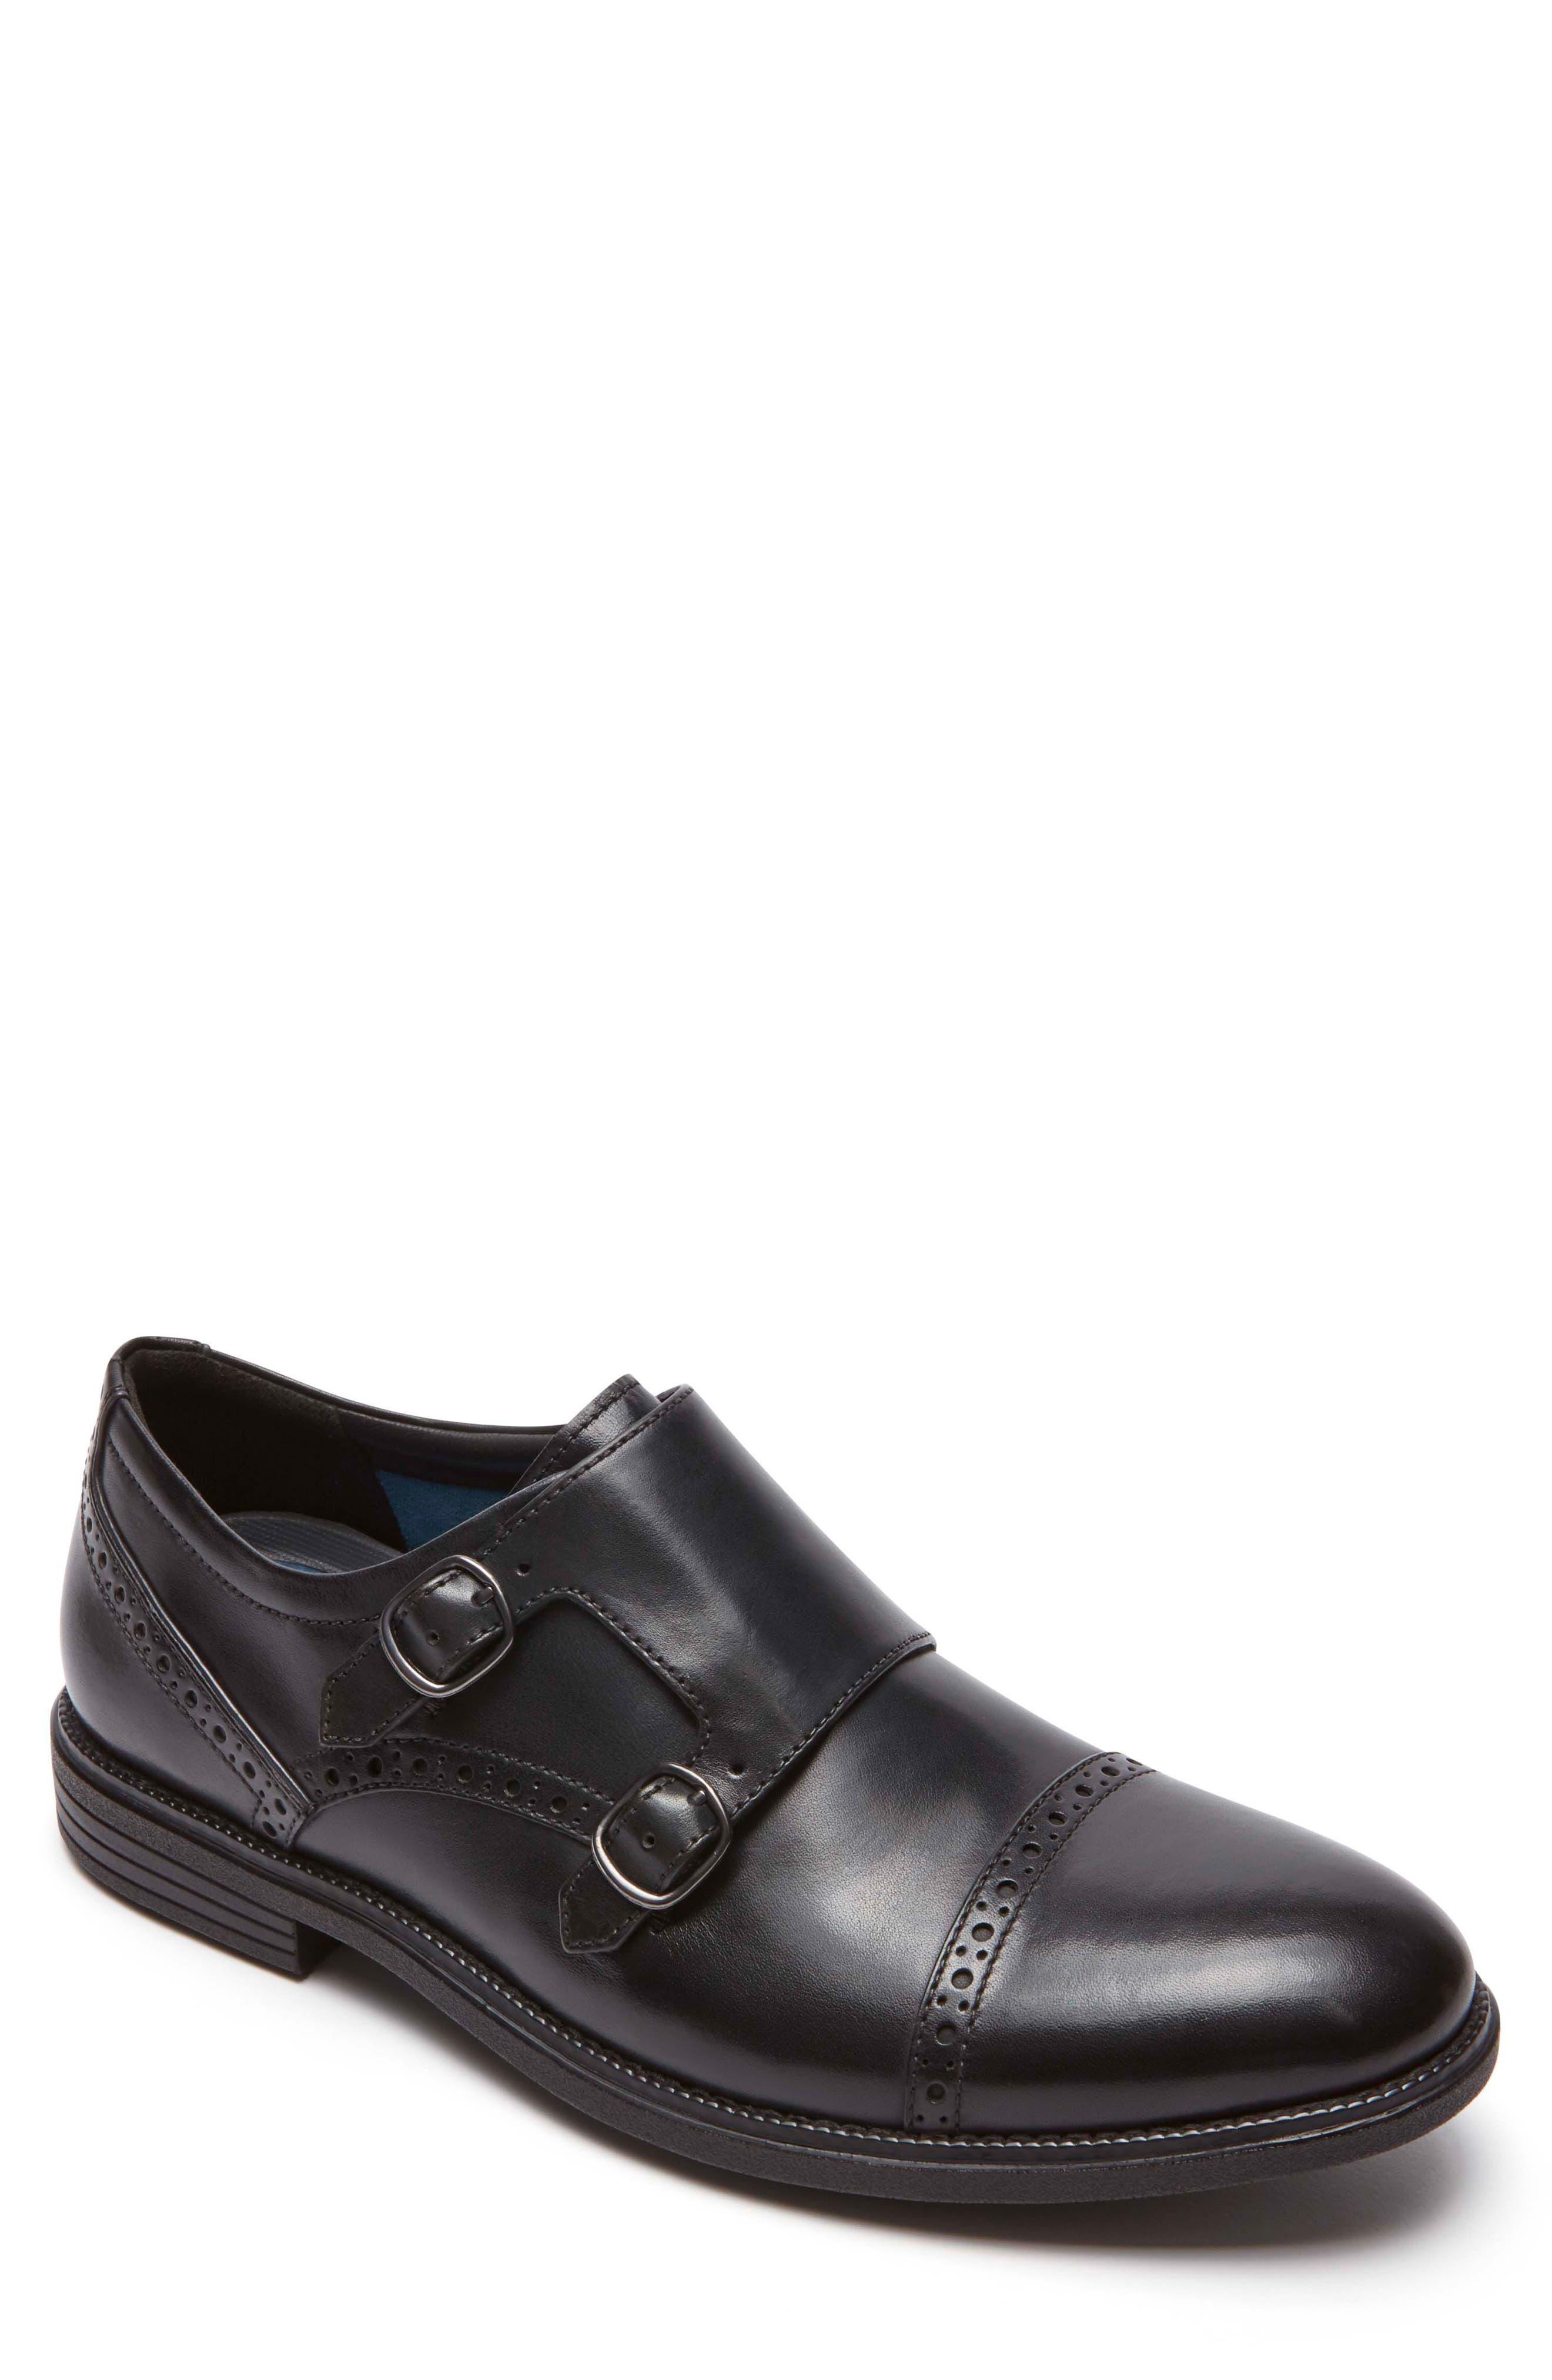 Madson Double Monk Strap Shoe,                         Main,                         color, 001